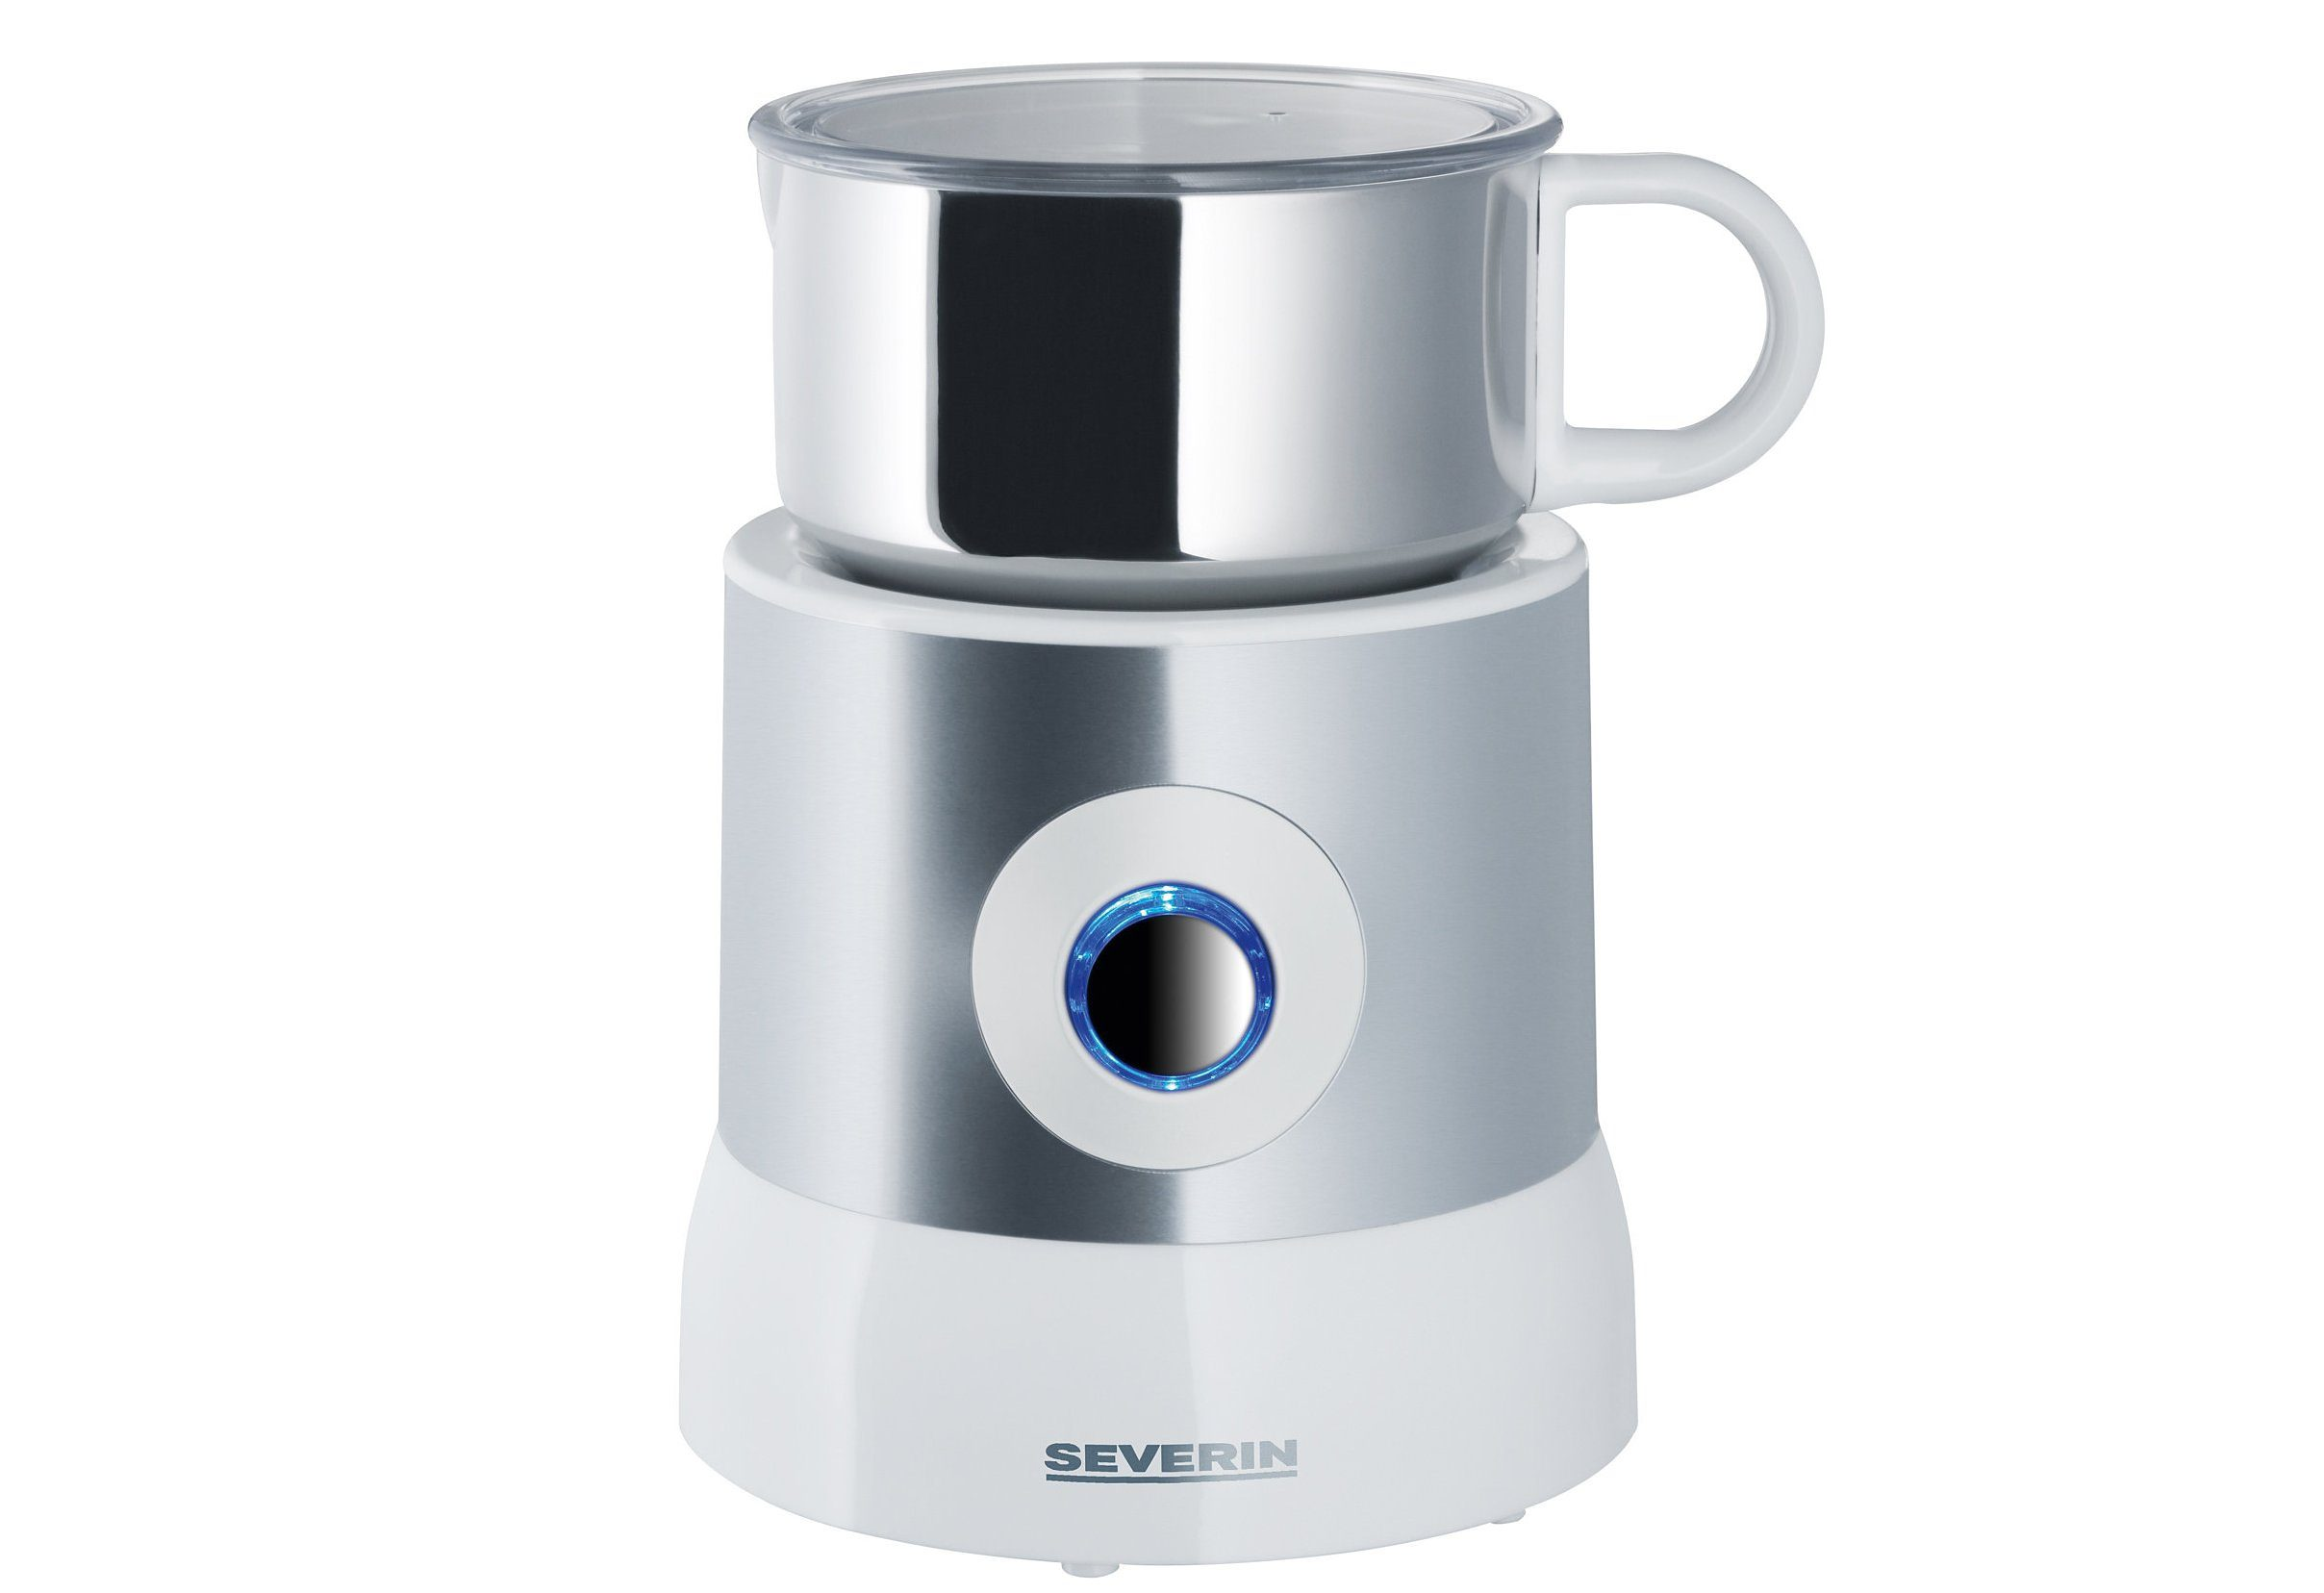 Severin Milchaufschäumer SM 9684, Induktion | Küche und Esszimmer > Kaffee und Tee > Milchaufschäumer | Silberfarben | SEVERIN